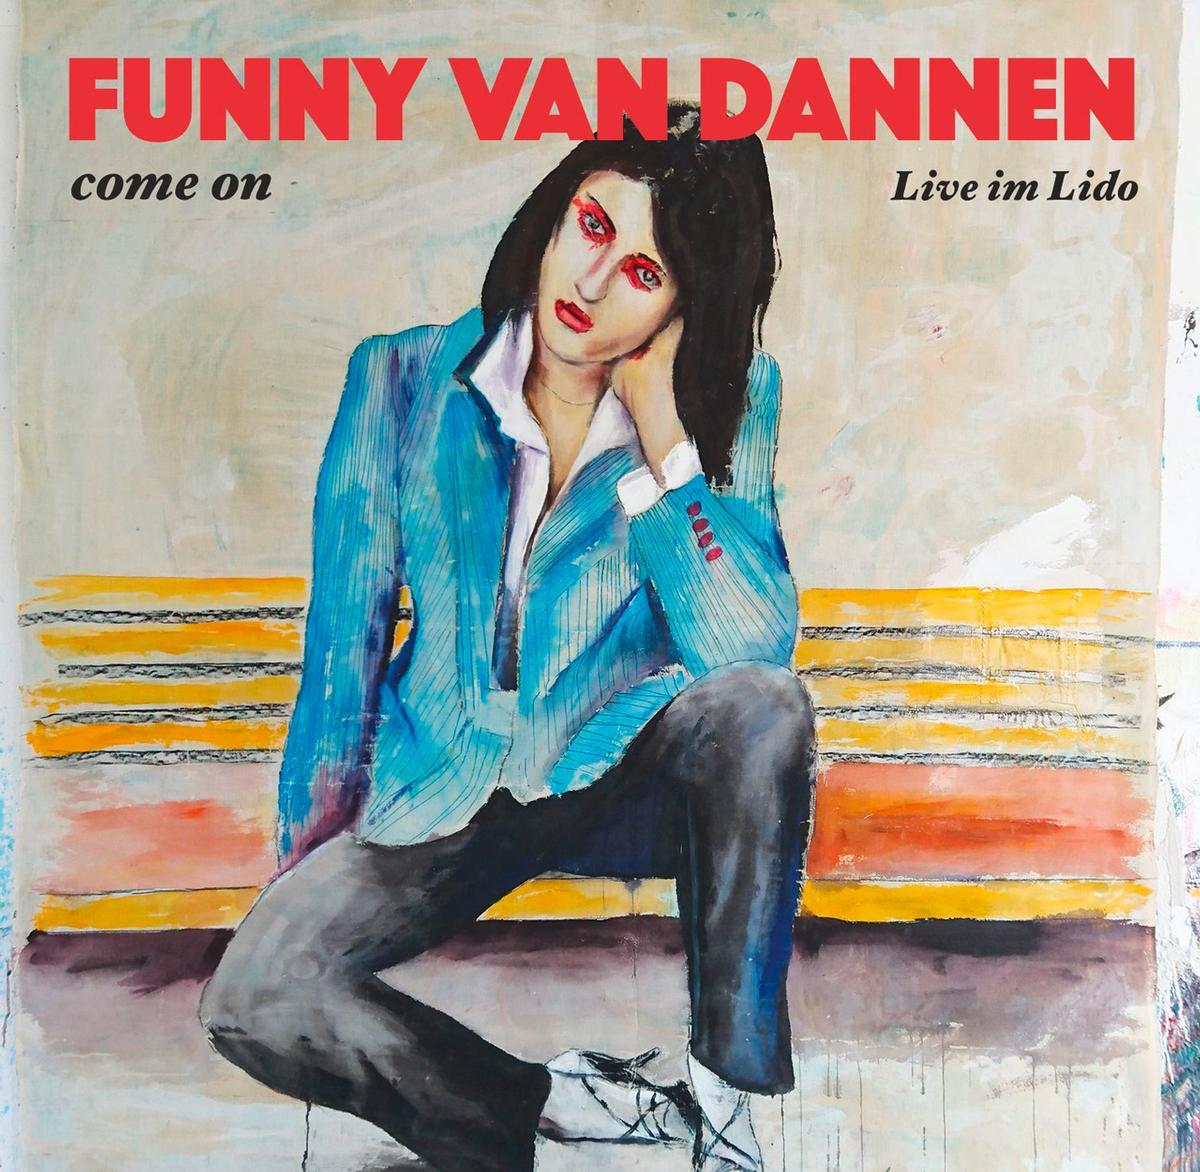 Funny Van Dannen